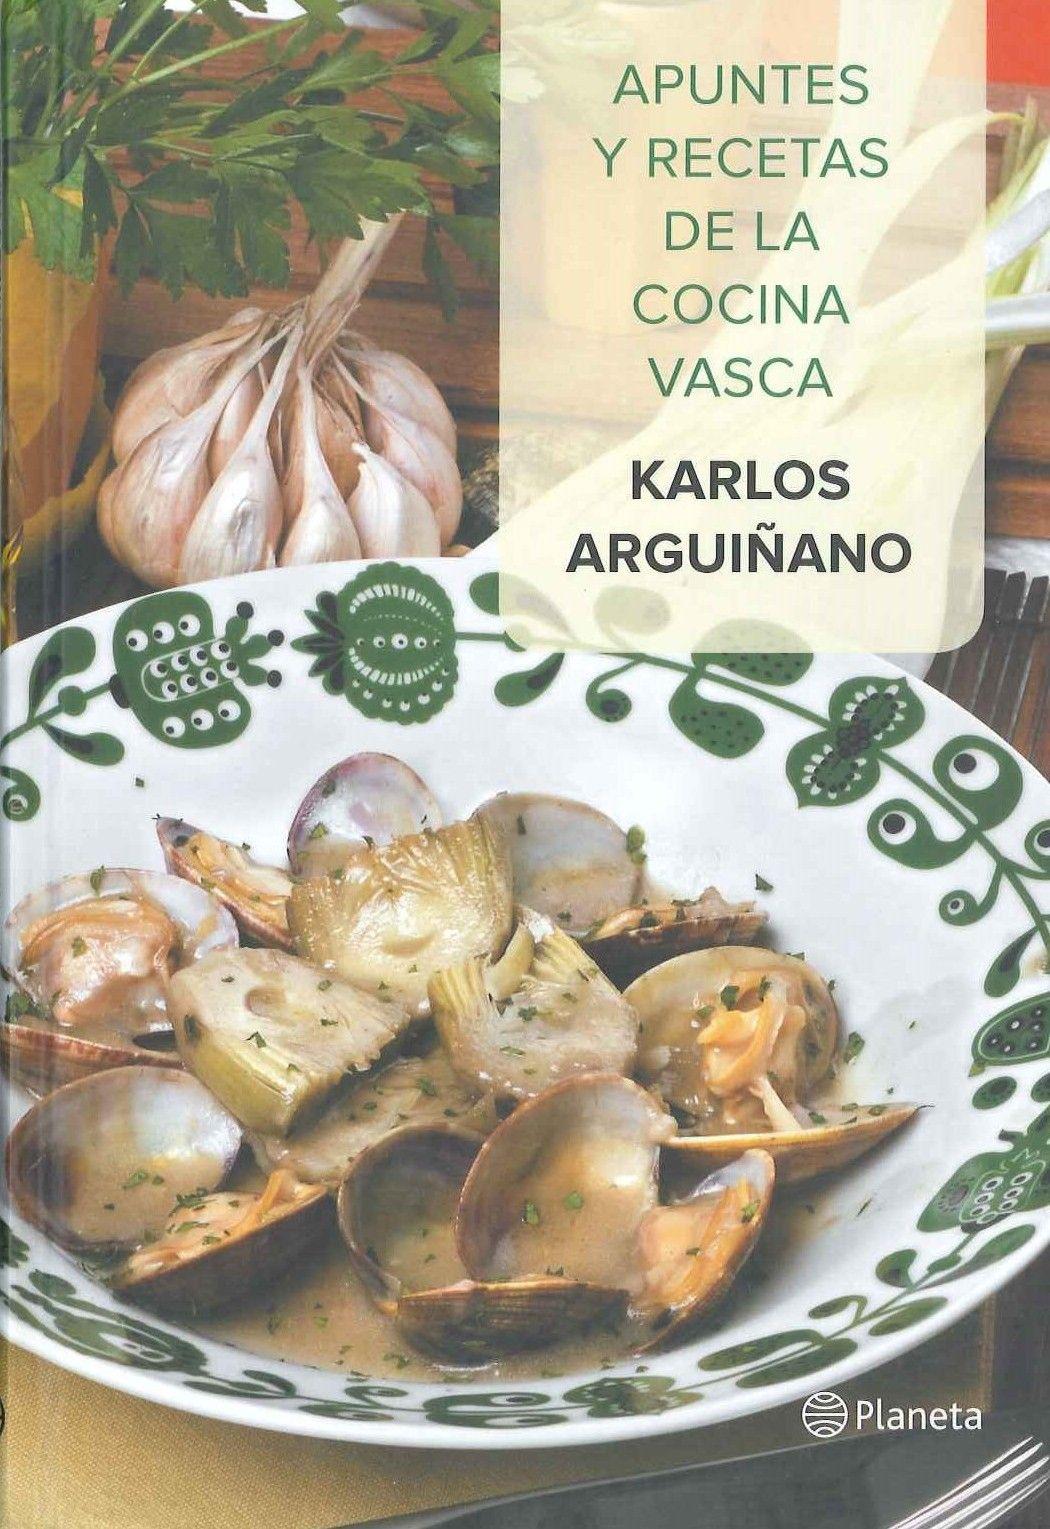 Cocina Vasca | Apuntes Y Recetas De La Cocina Vasca Karlos Arguinano Las Claves